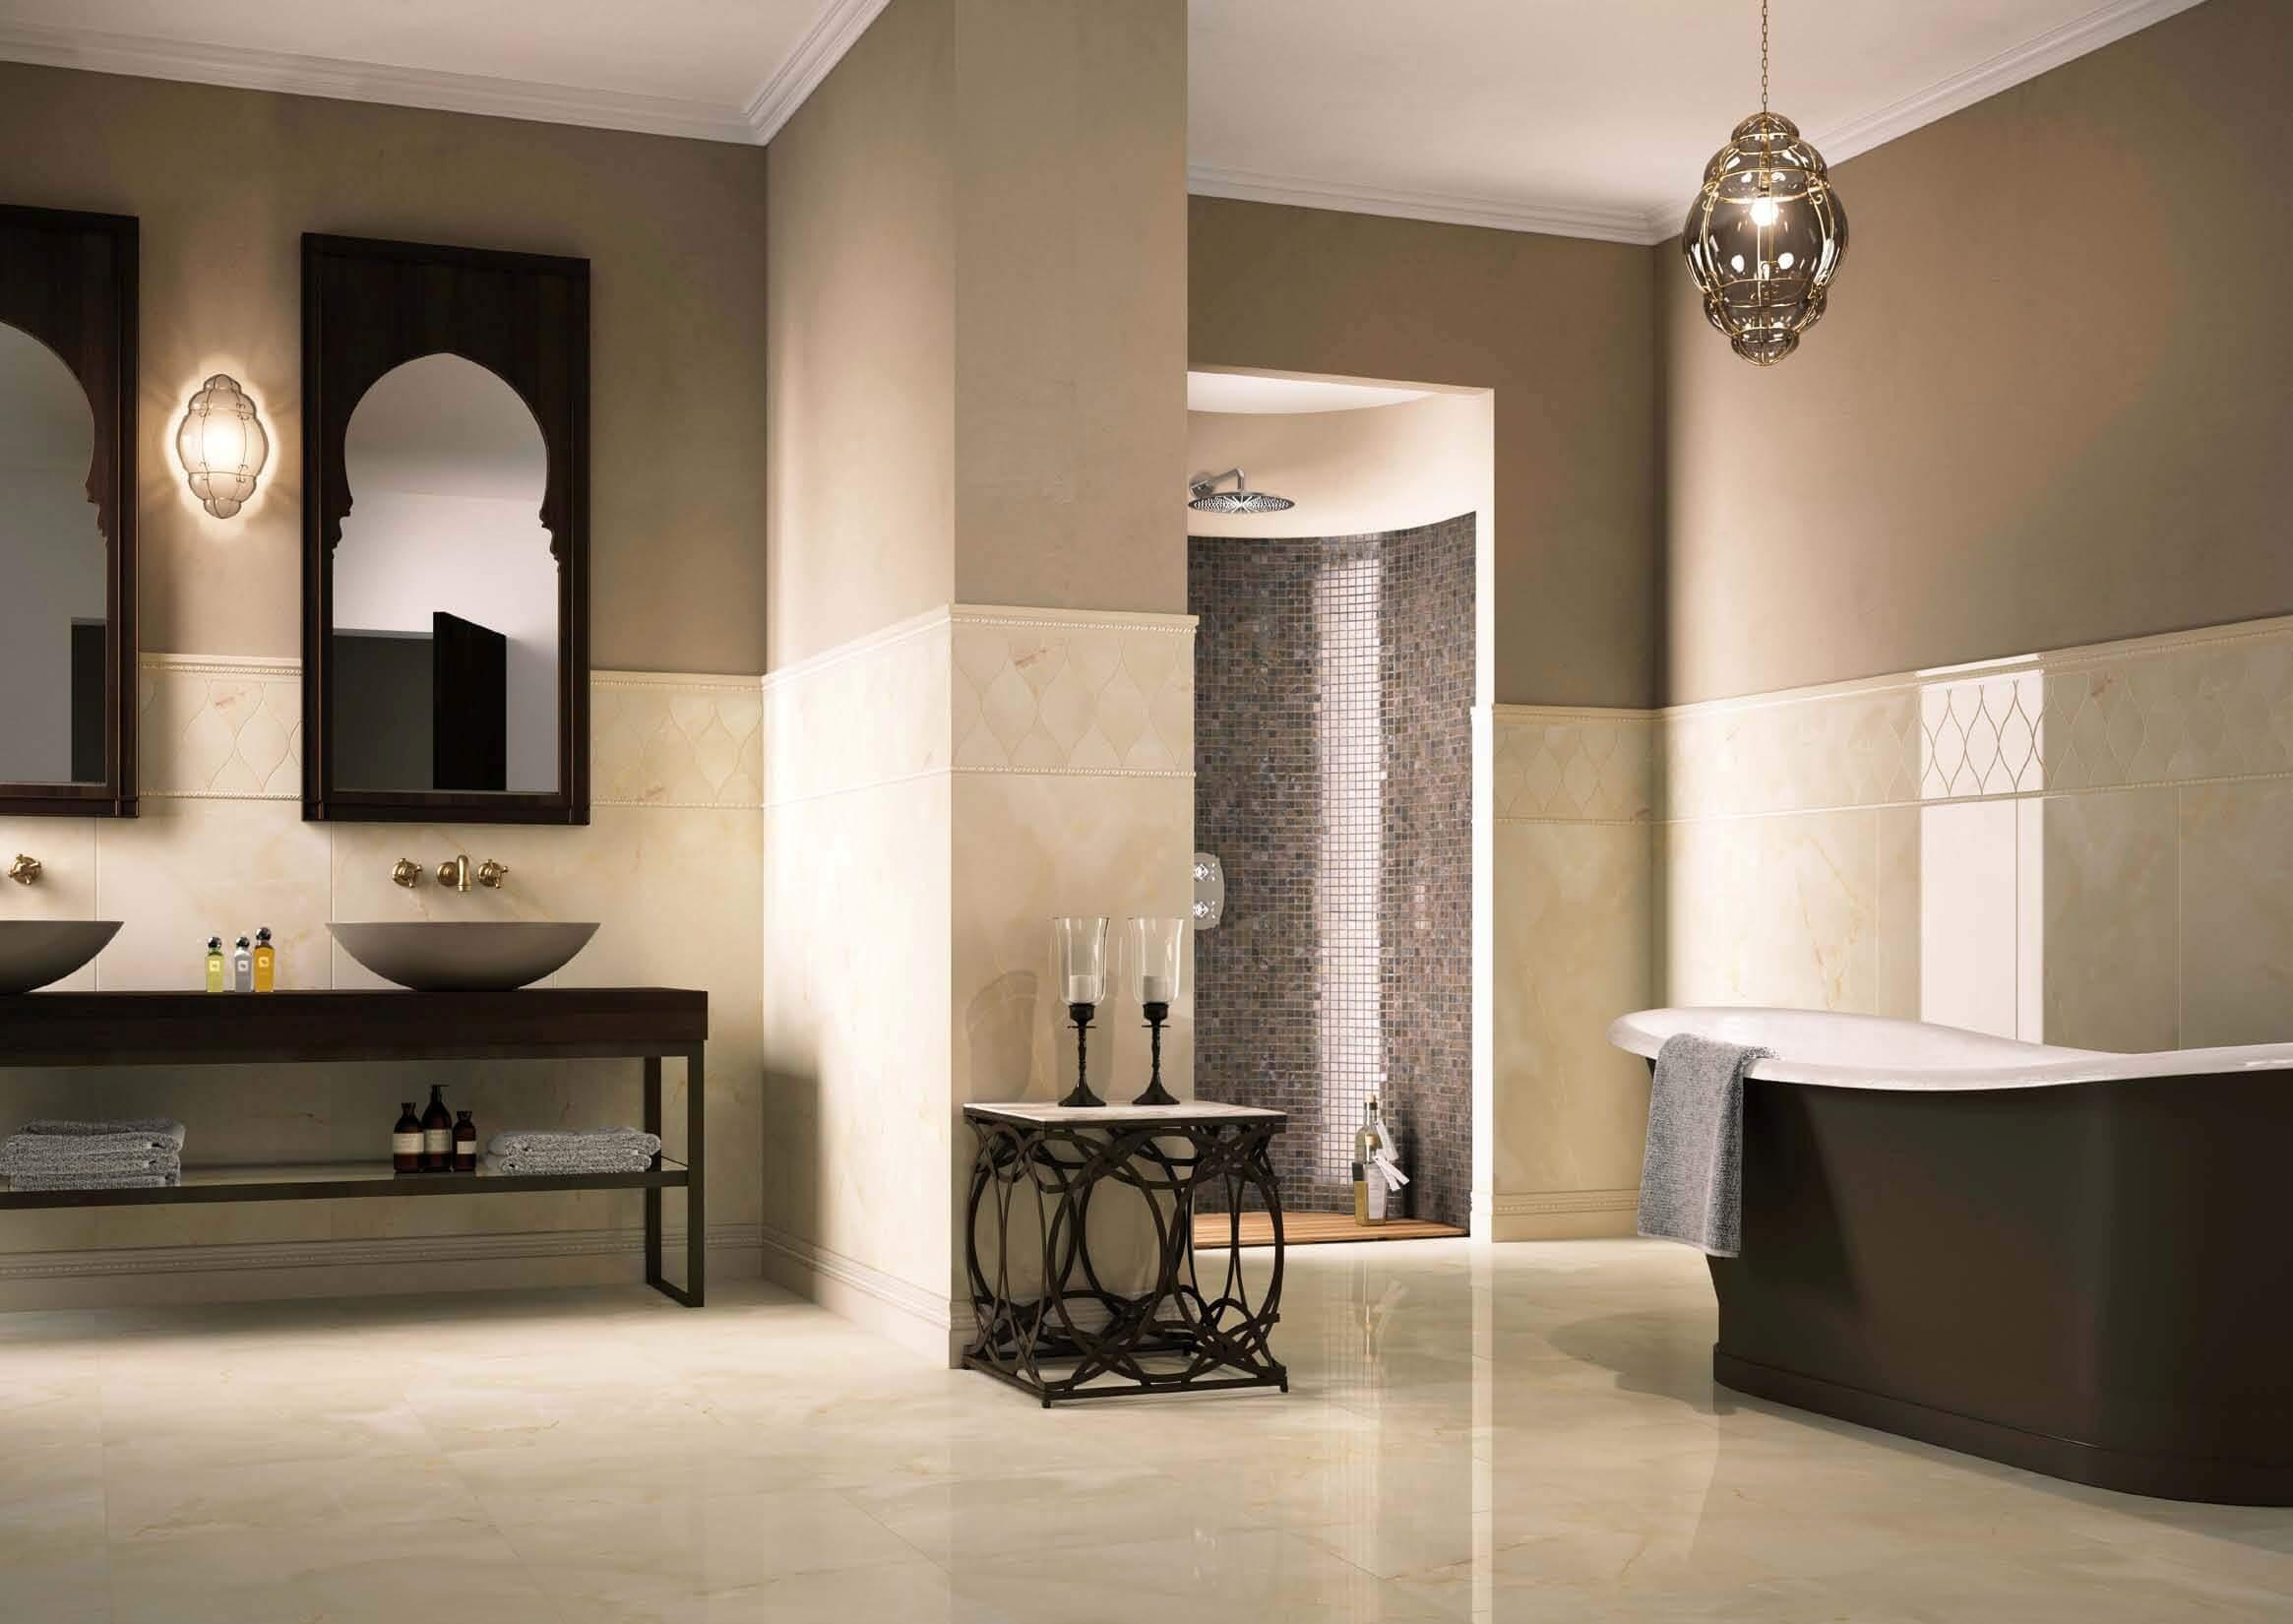 Керамогранит в ванной: нерушимая красота (21 фото)